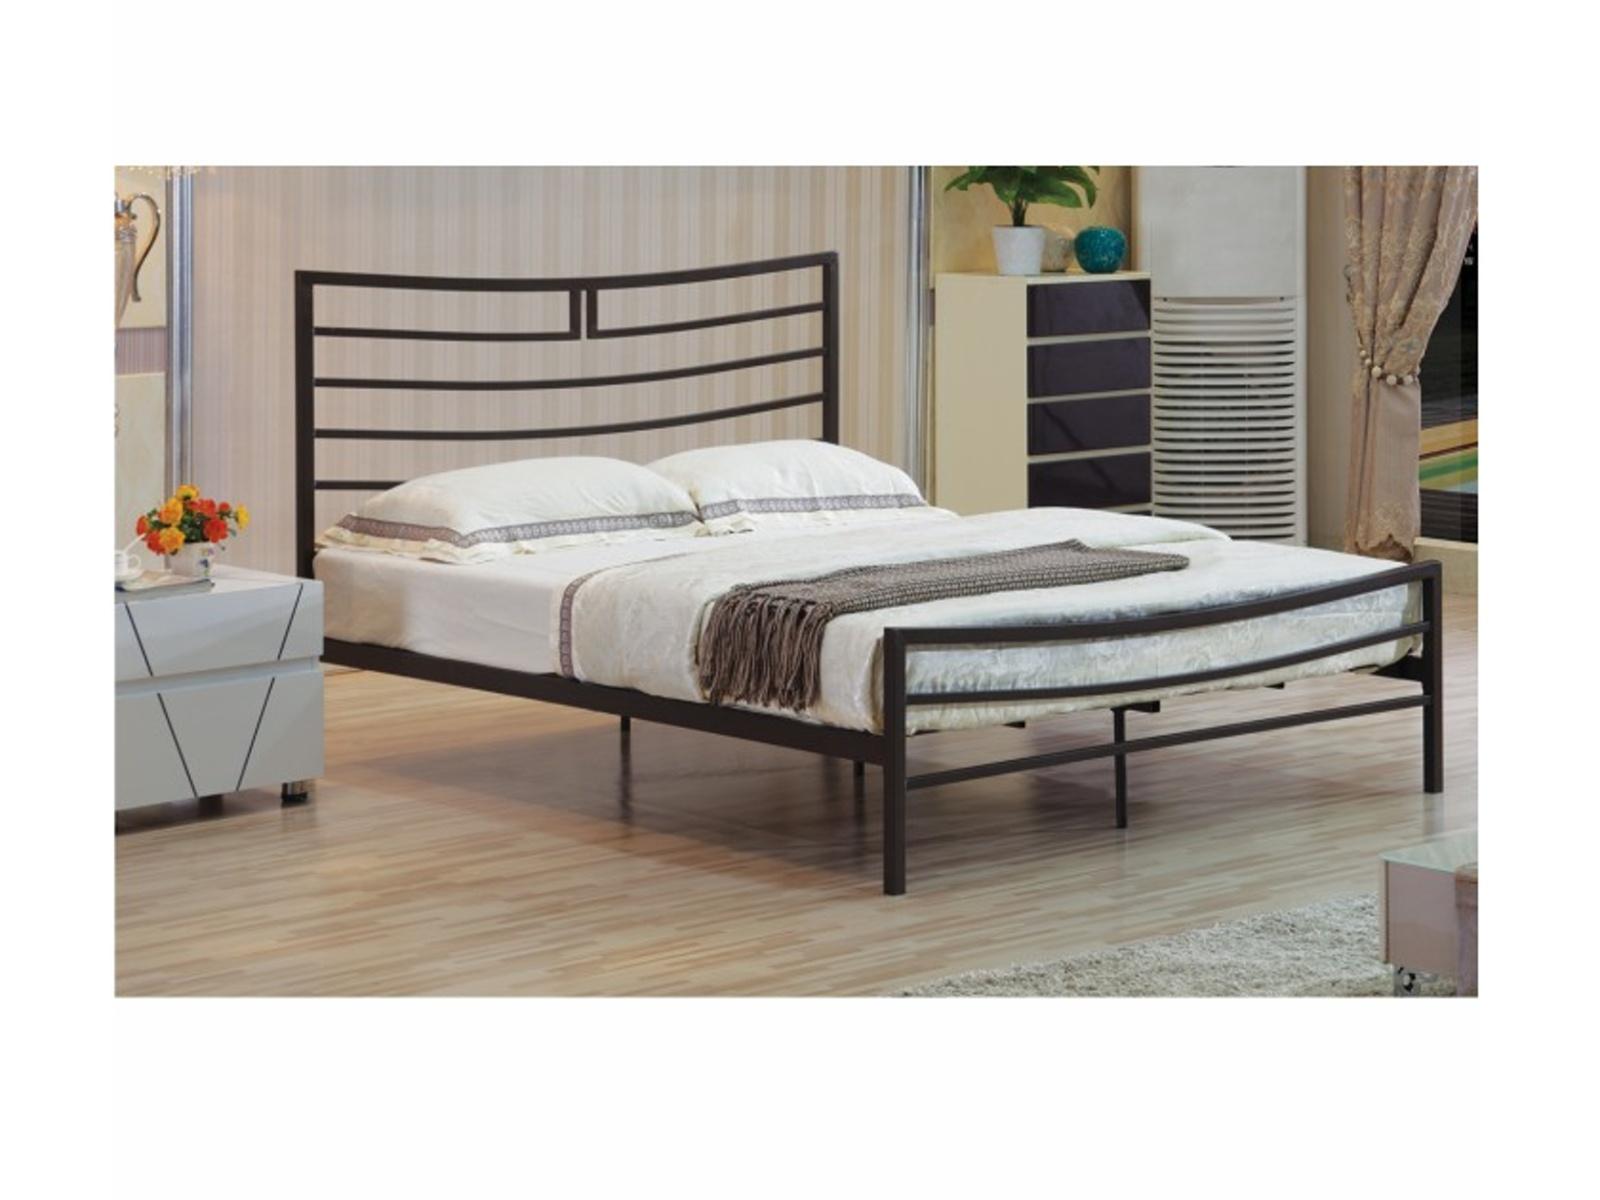 Tempo Kondela Kovová postel DALIA 180 x 200 vč. roštu, černá